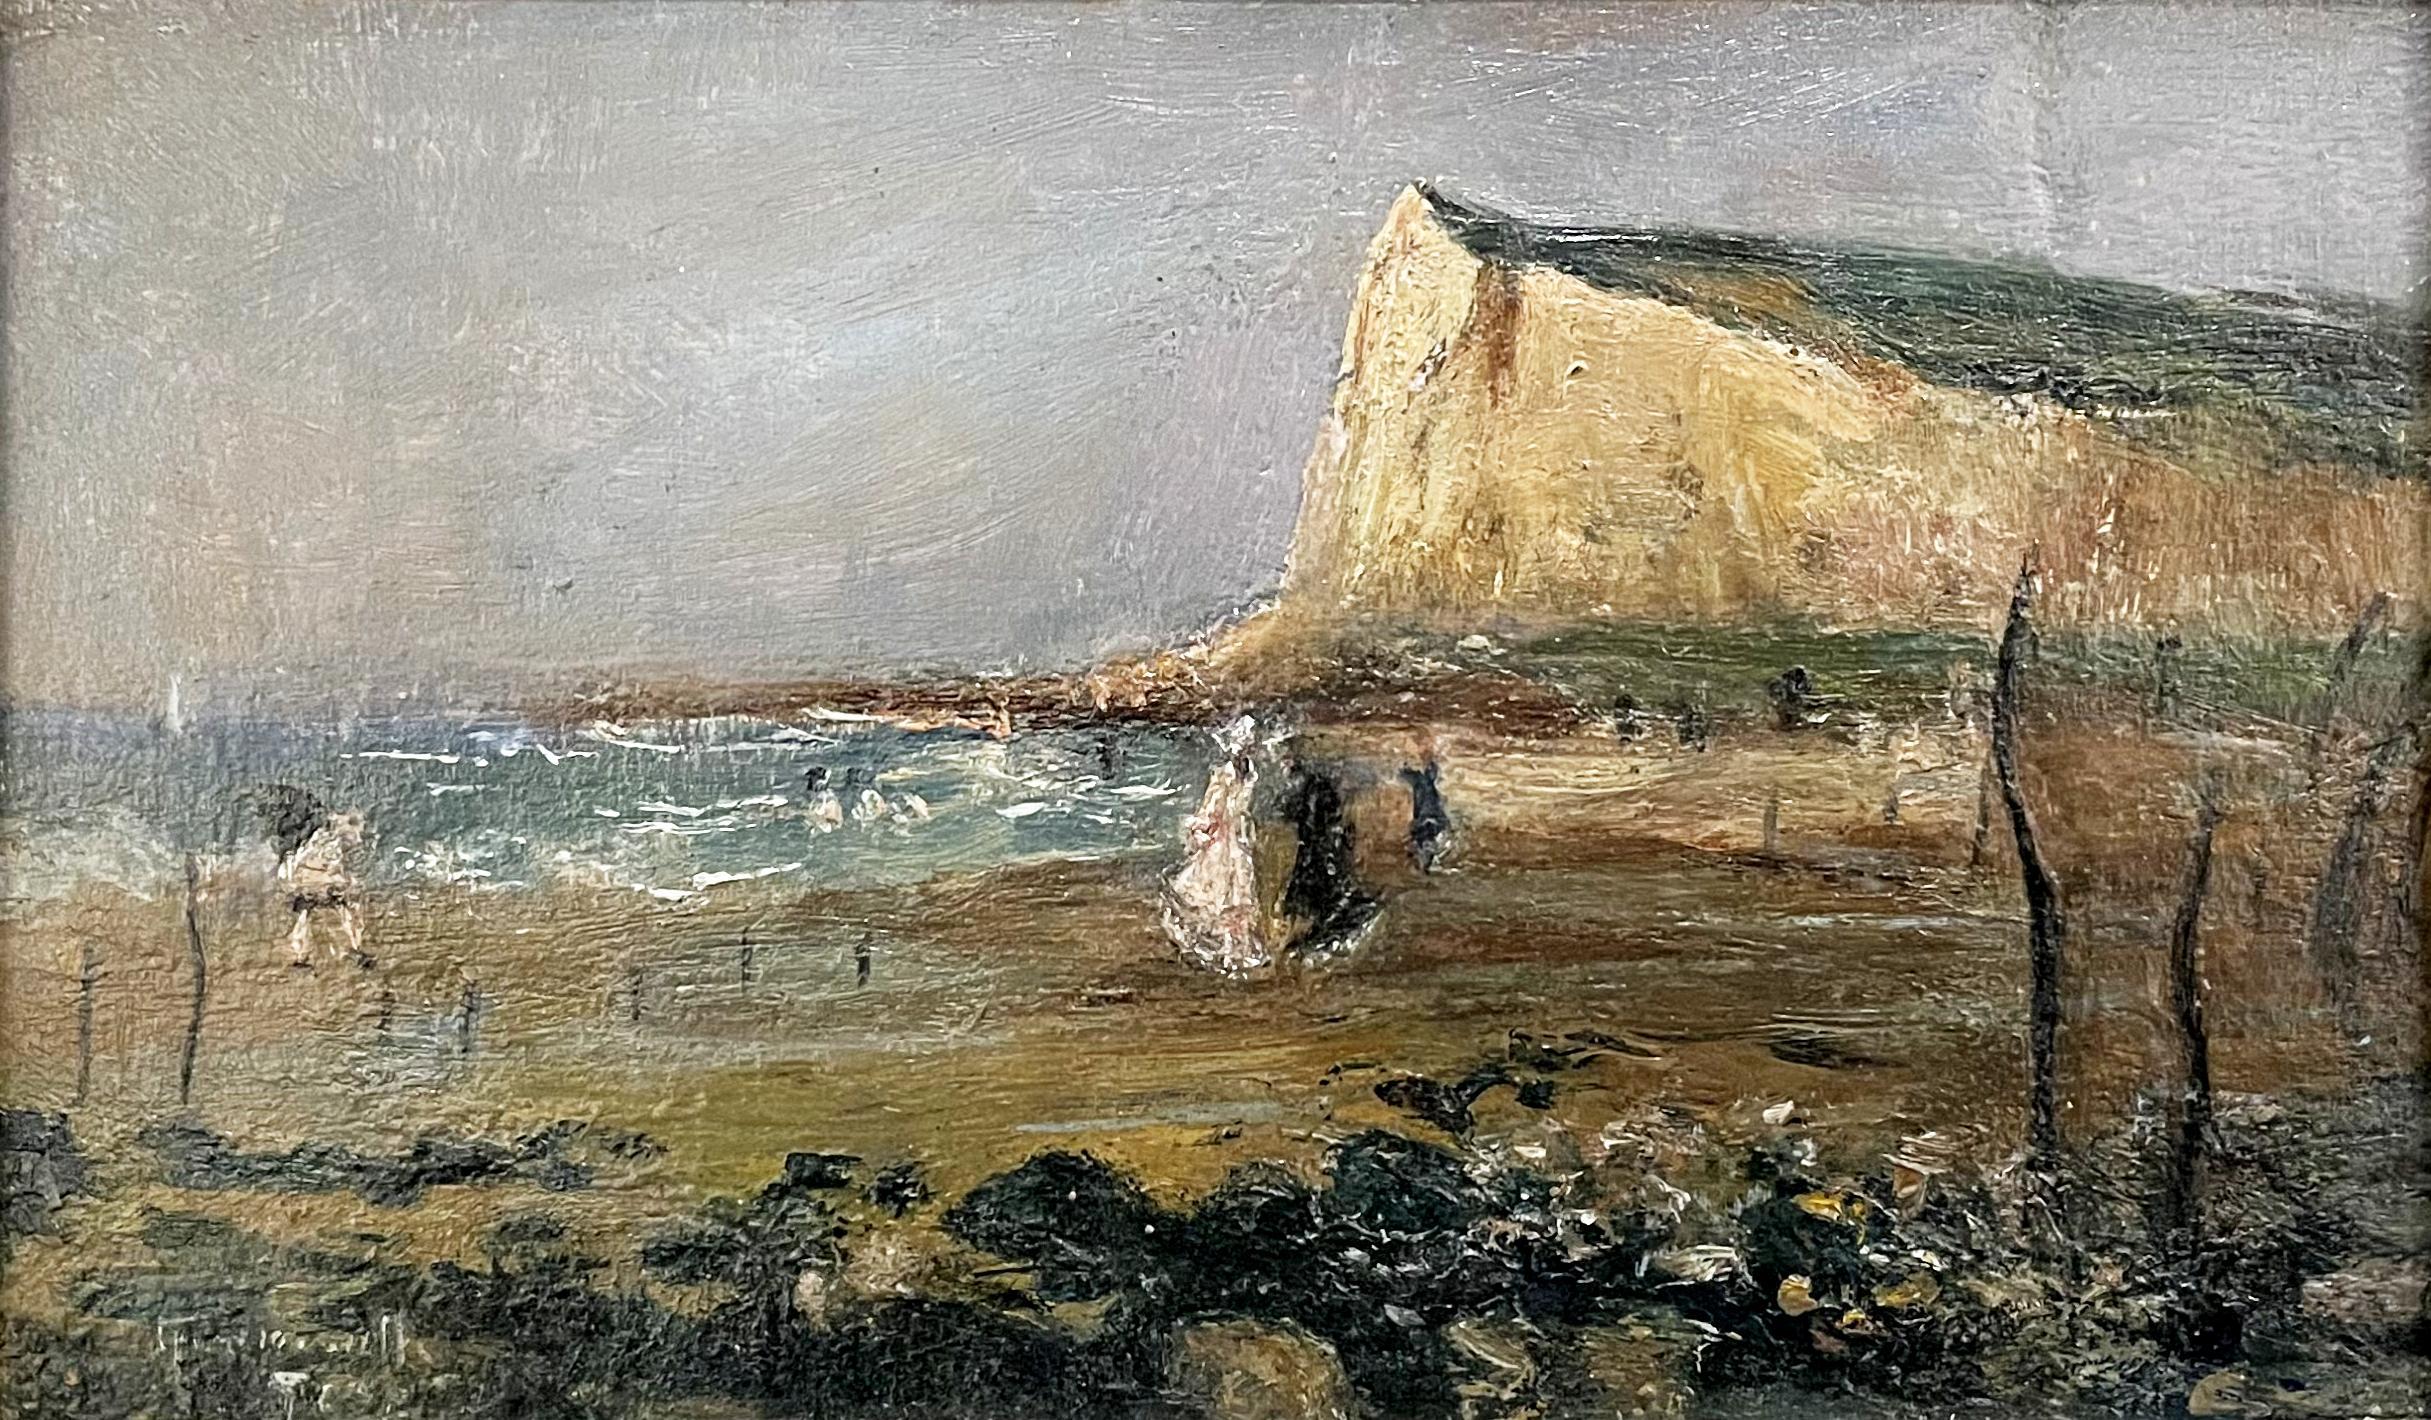 Sur la plage, Le Tréport by Norbert Goeneutte